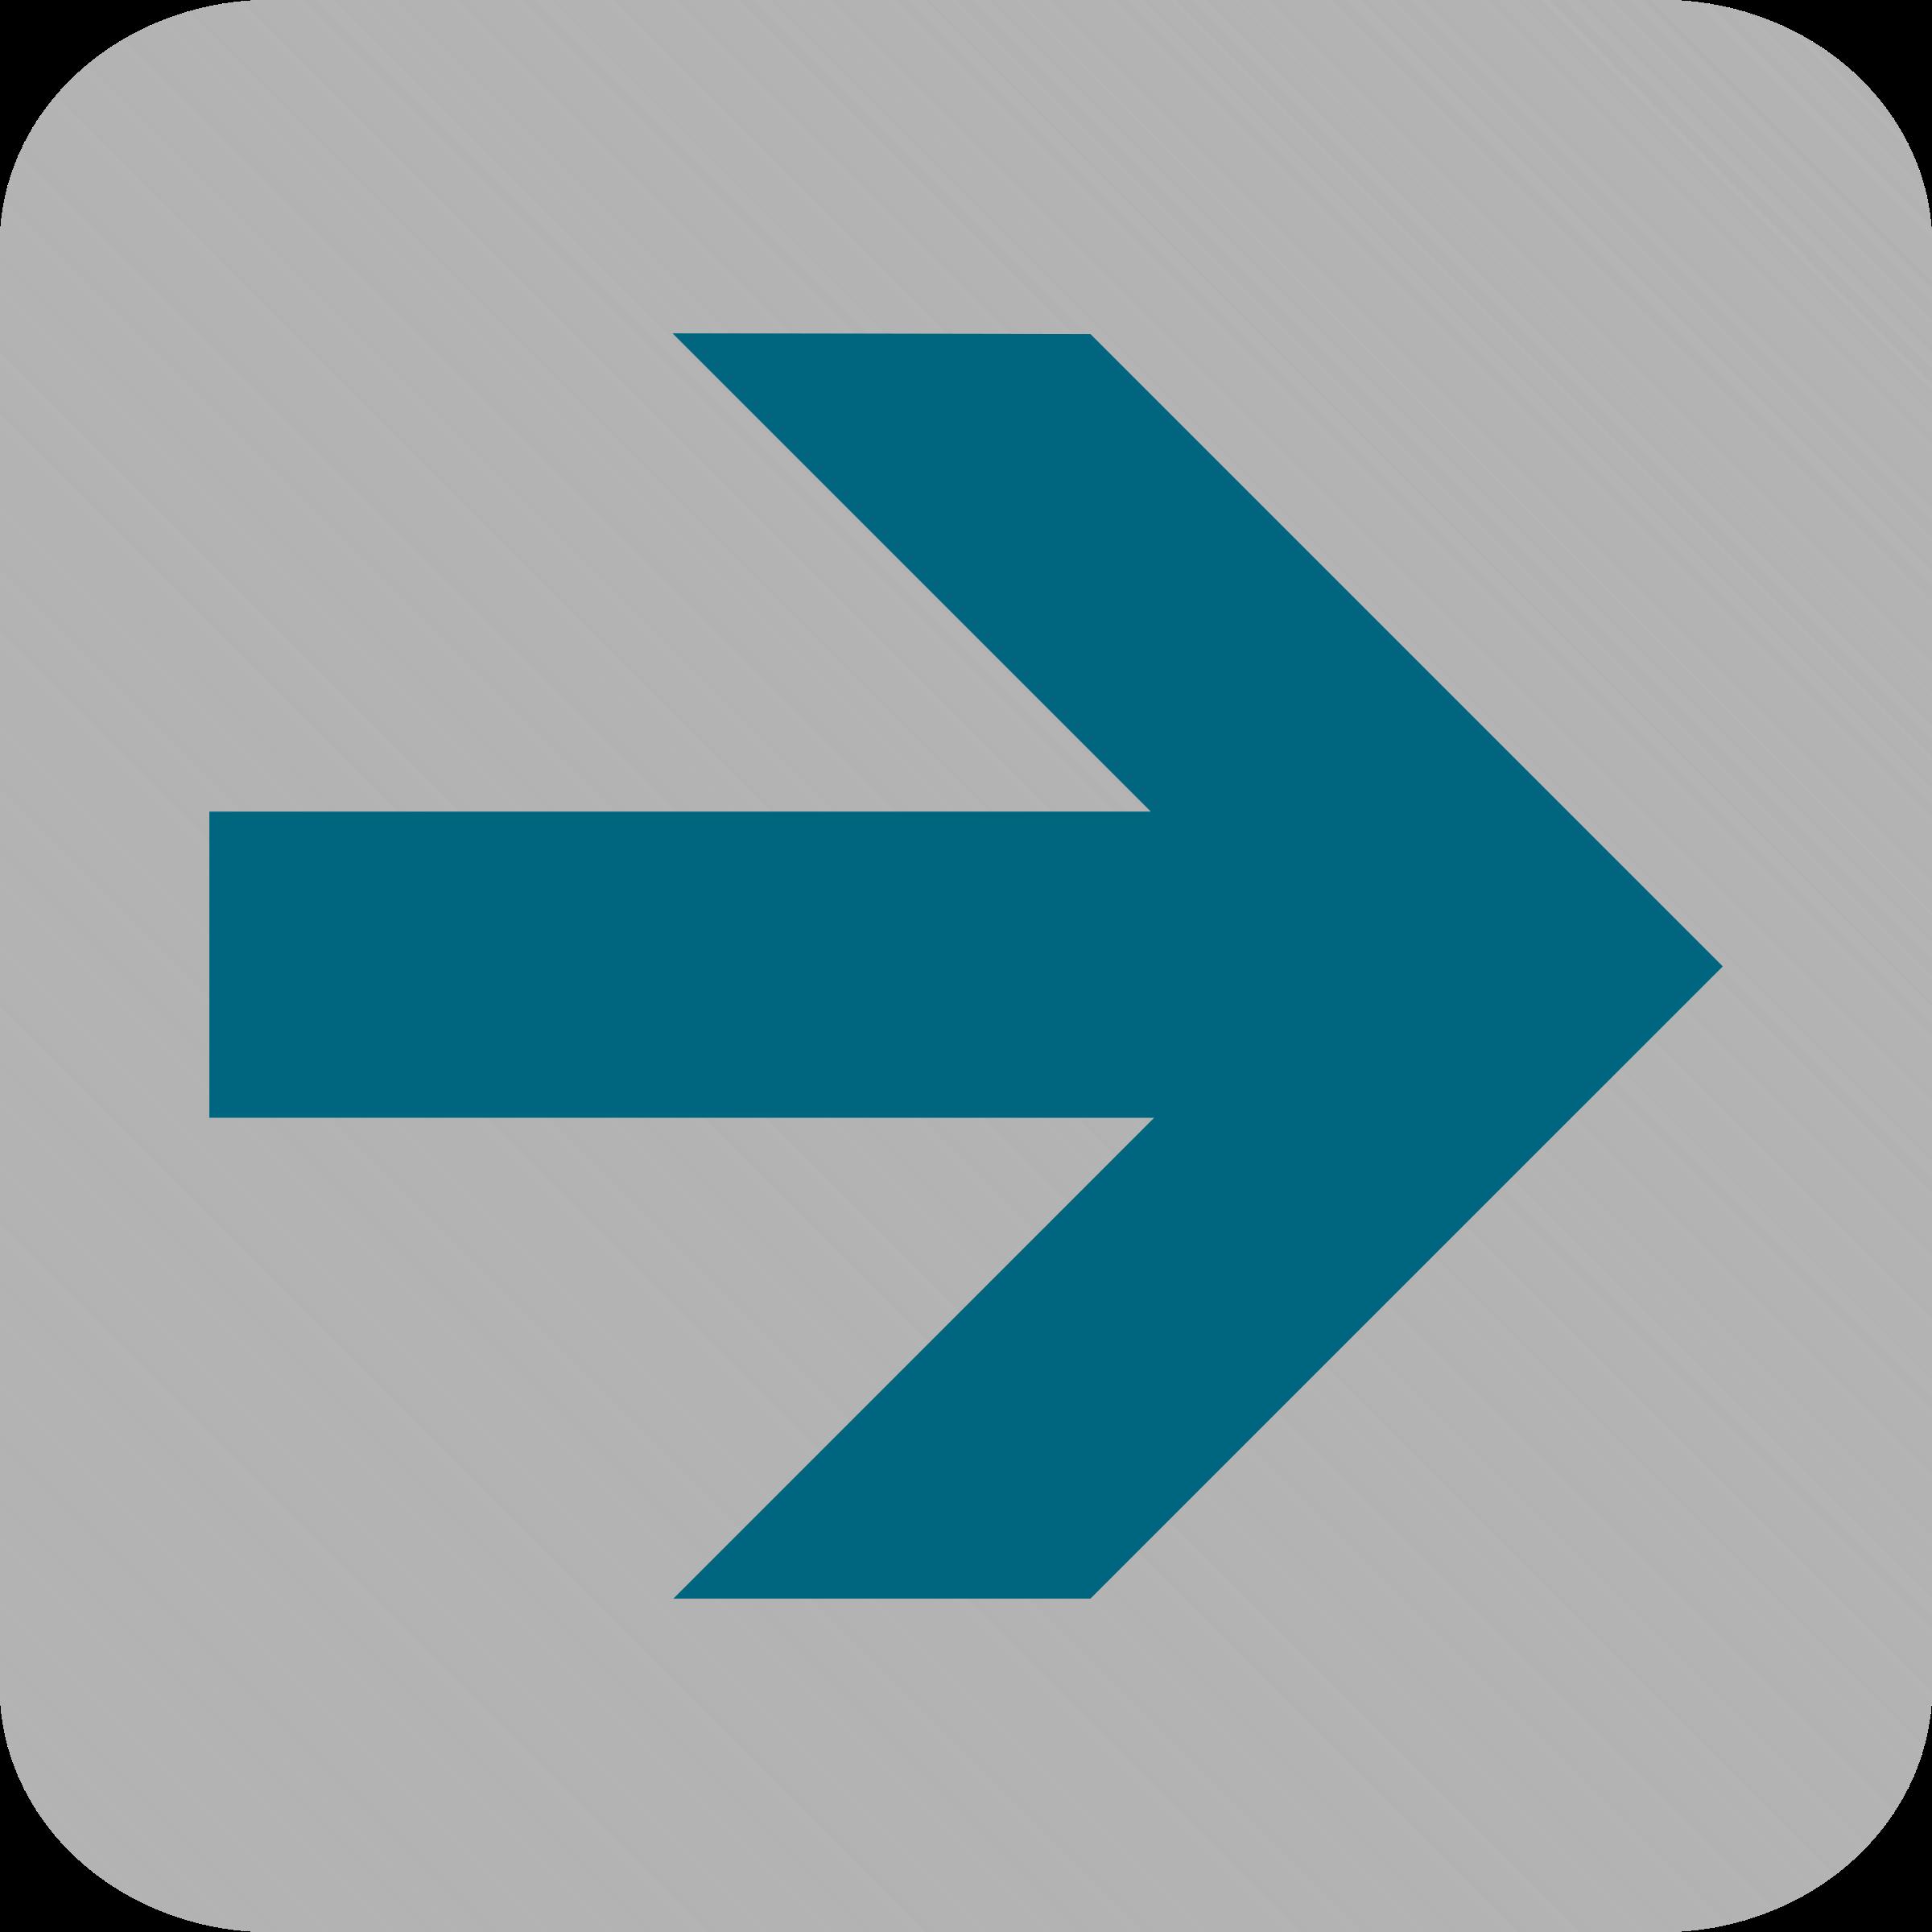 Clipart - Right Arrow Icon